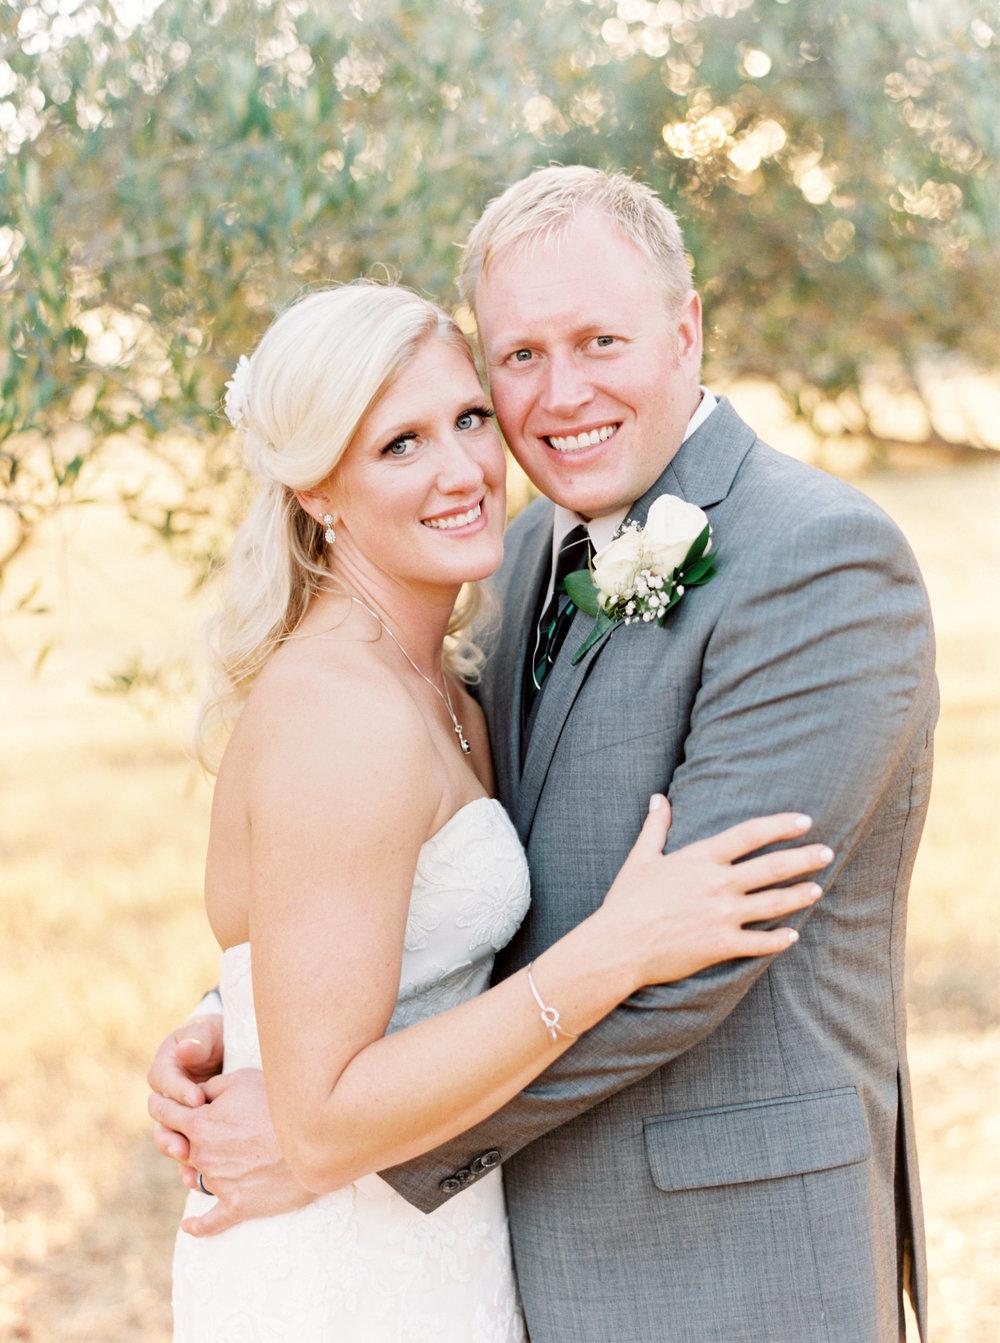 wolfe-heights-event-center-wedding-1-11.jpg